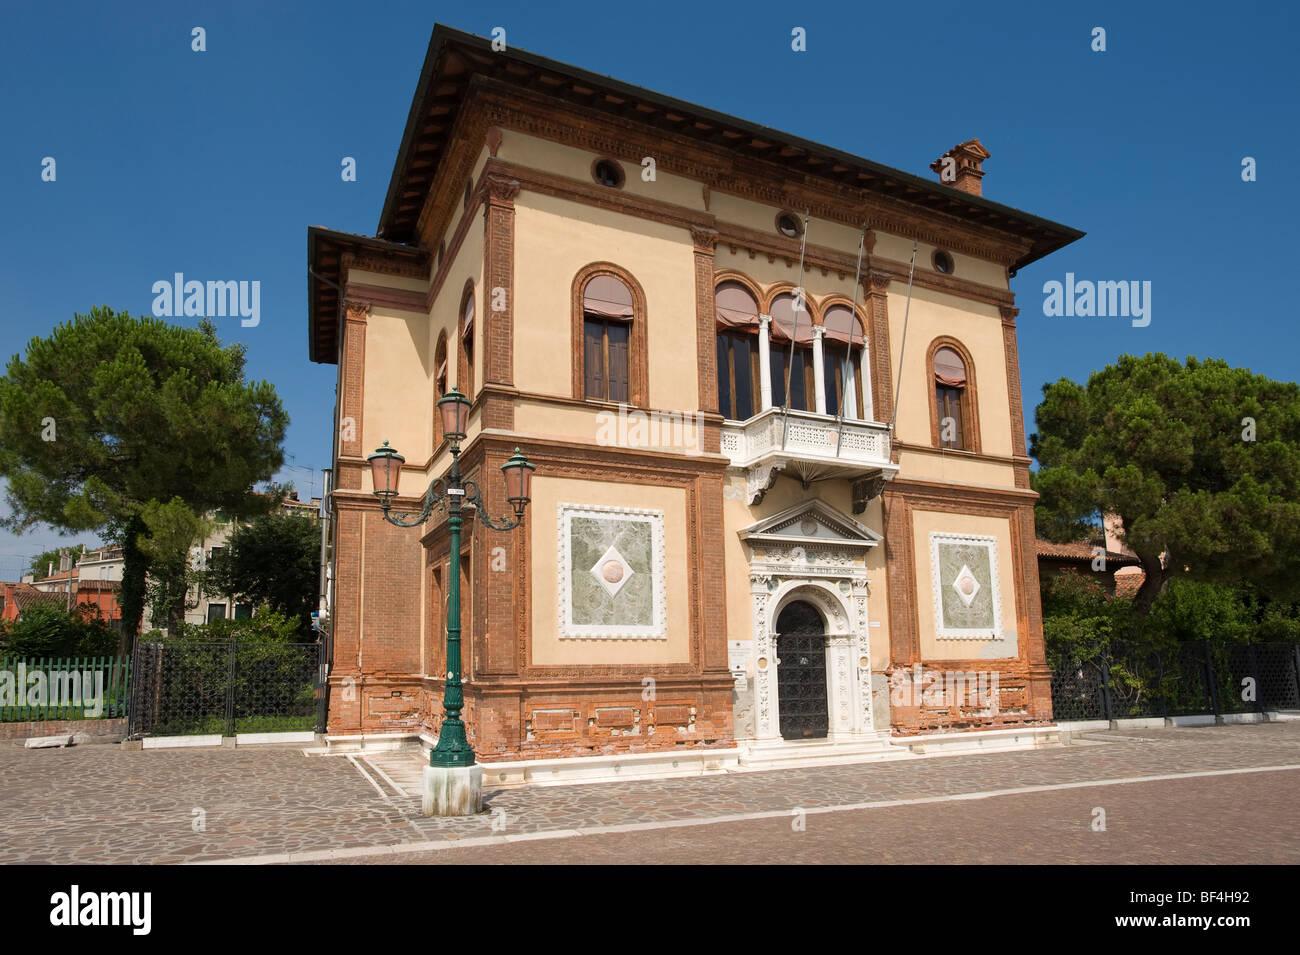 Istituto di Biologia del Mare, Riva dei Sette Martiri, Venezia, Veneto, Italia, Europa Foto Stock